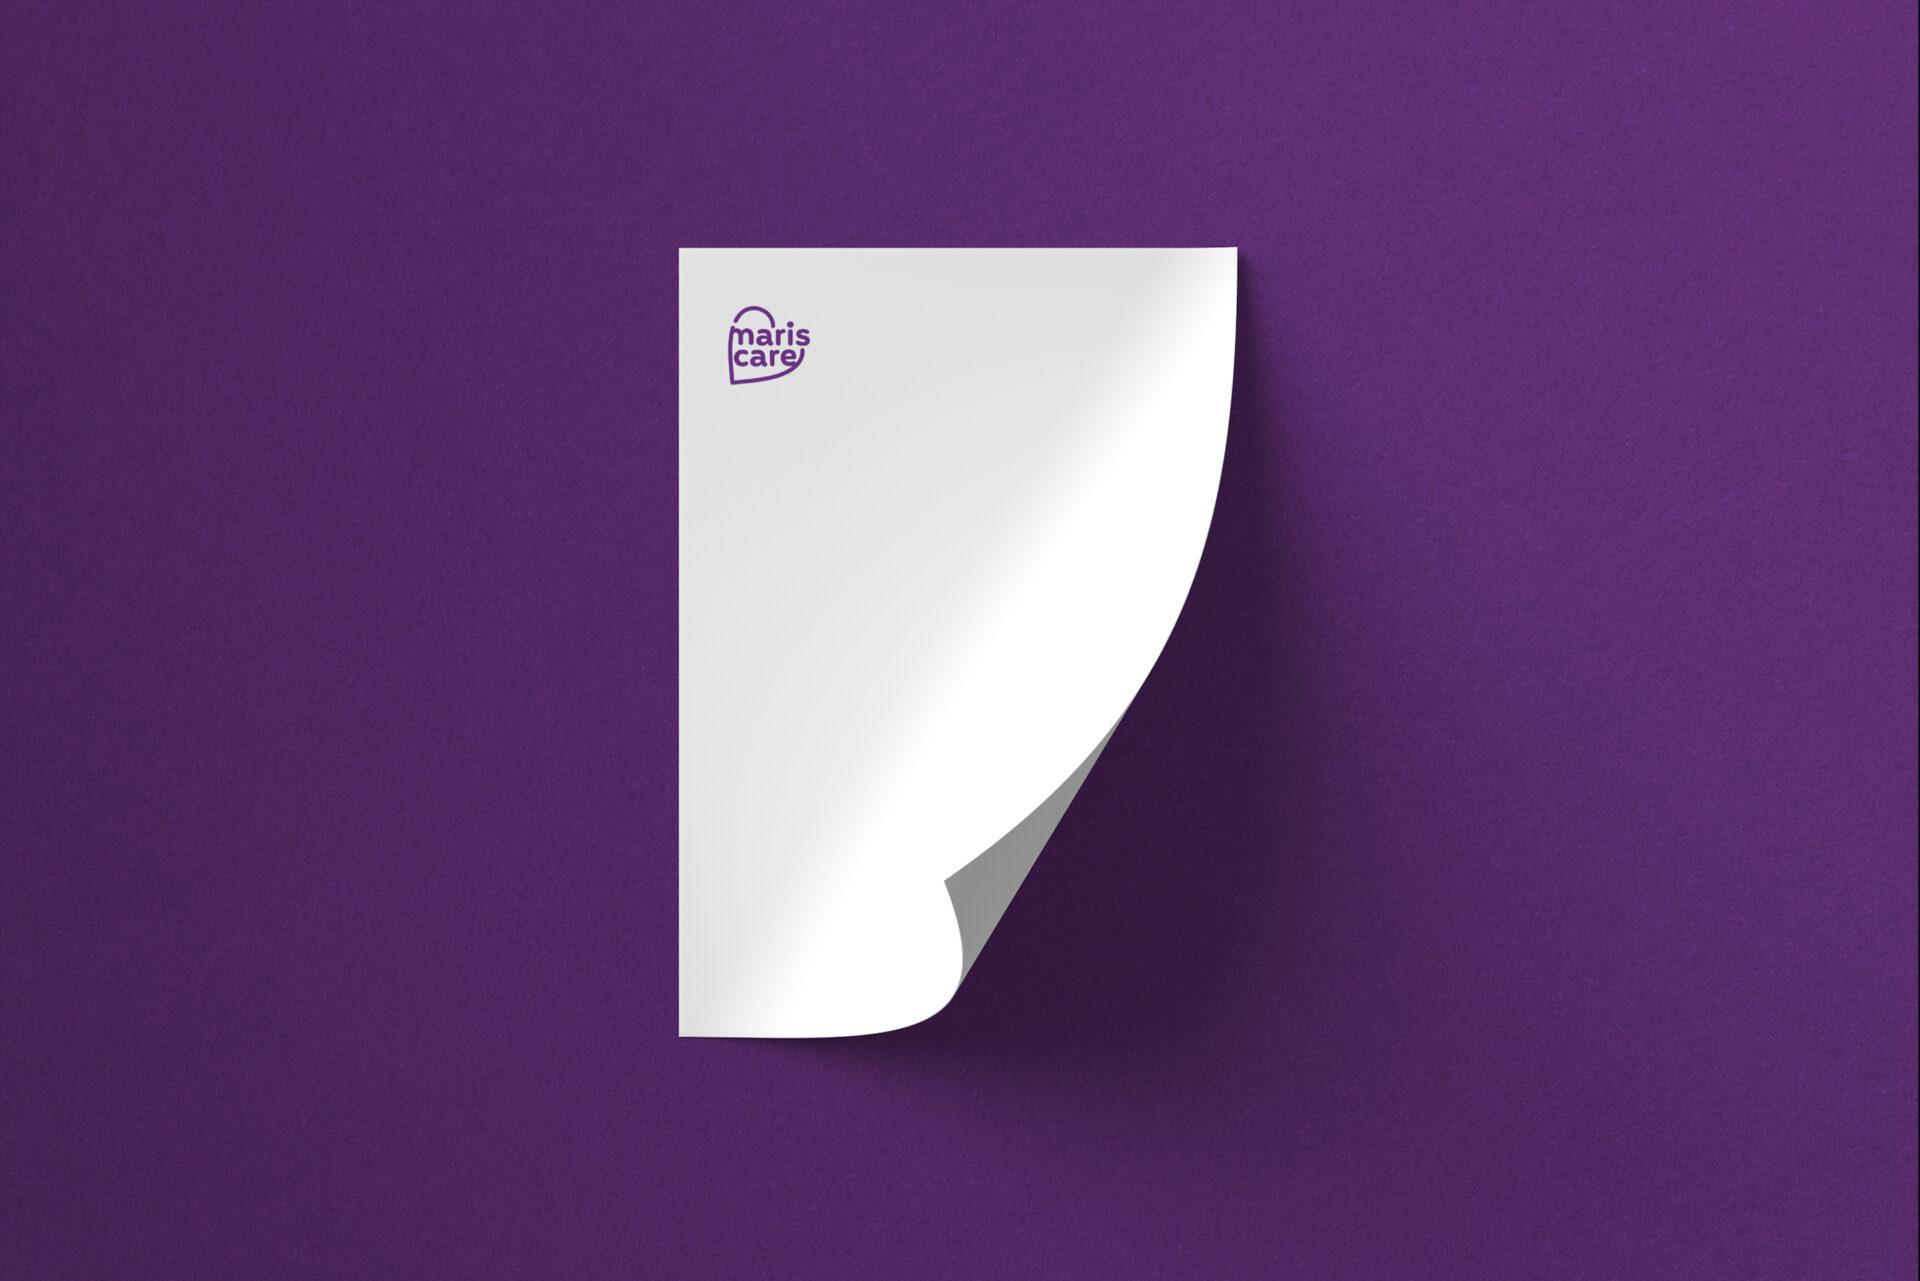 Logo en briefpapier voor Mariscare gemaakt door Sjoerd van Schagen